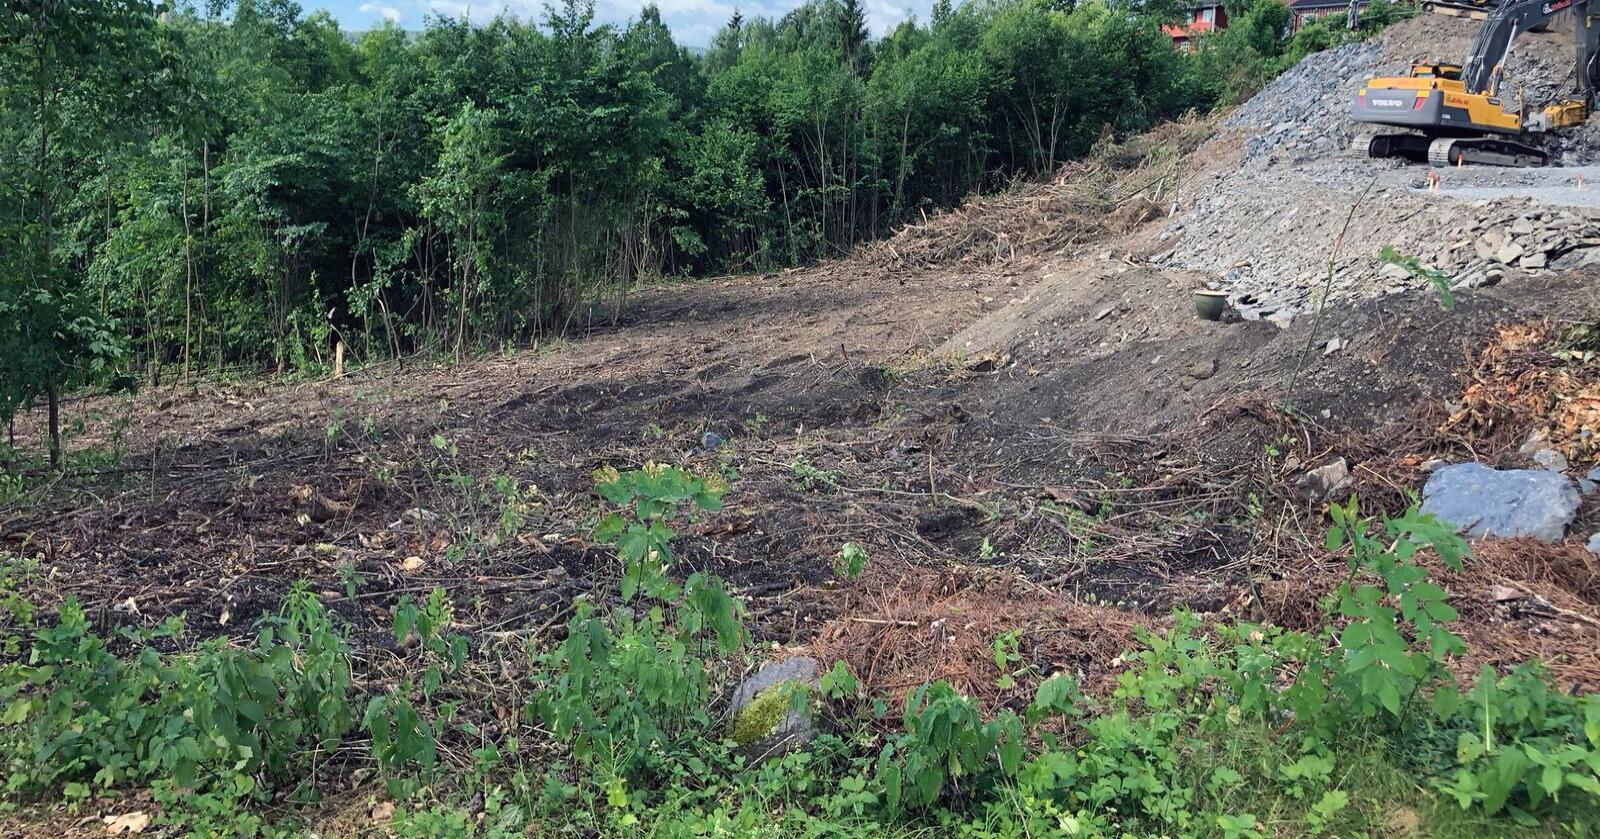 All vegetasjon ble fjernet i naturreservatet, noe som førte til 30.000 kroner i bot for maskinføreren. Foto: Statens naturoppsyn